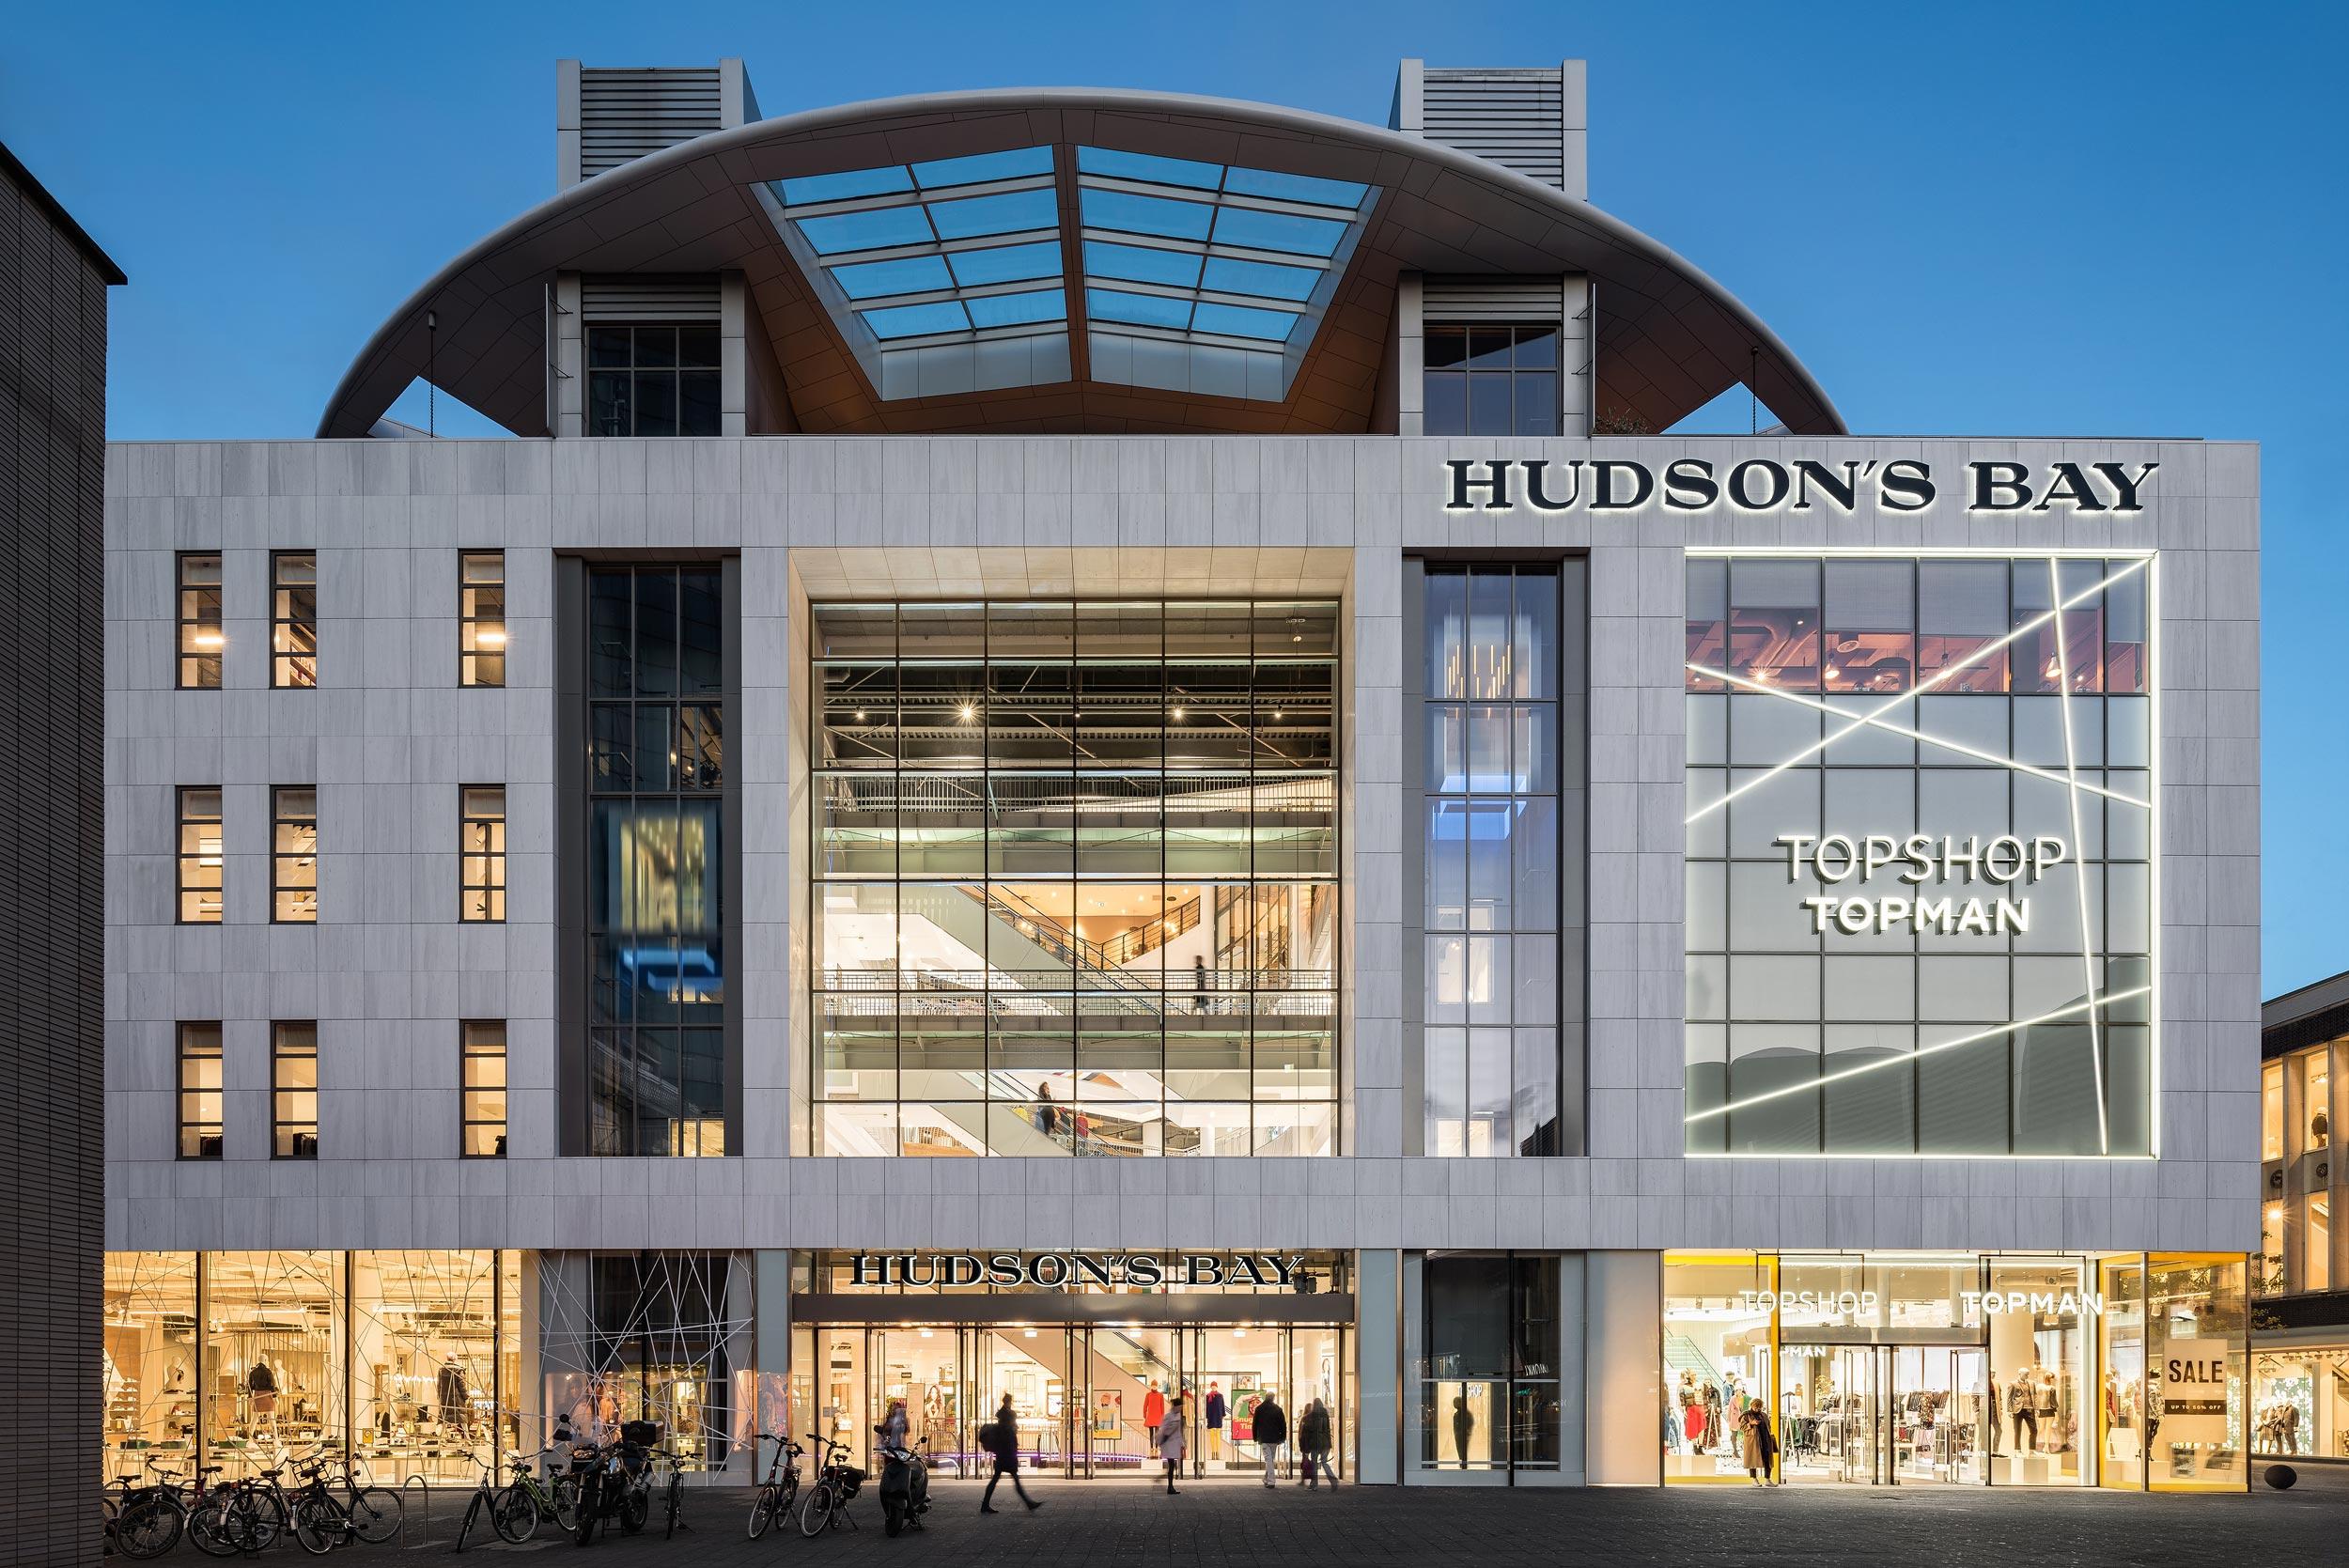 Hudson's Bay, Rotterdam - Architectuurfotograaf Chiel de Nooyer, fotograaf voor winkel en warenhuis